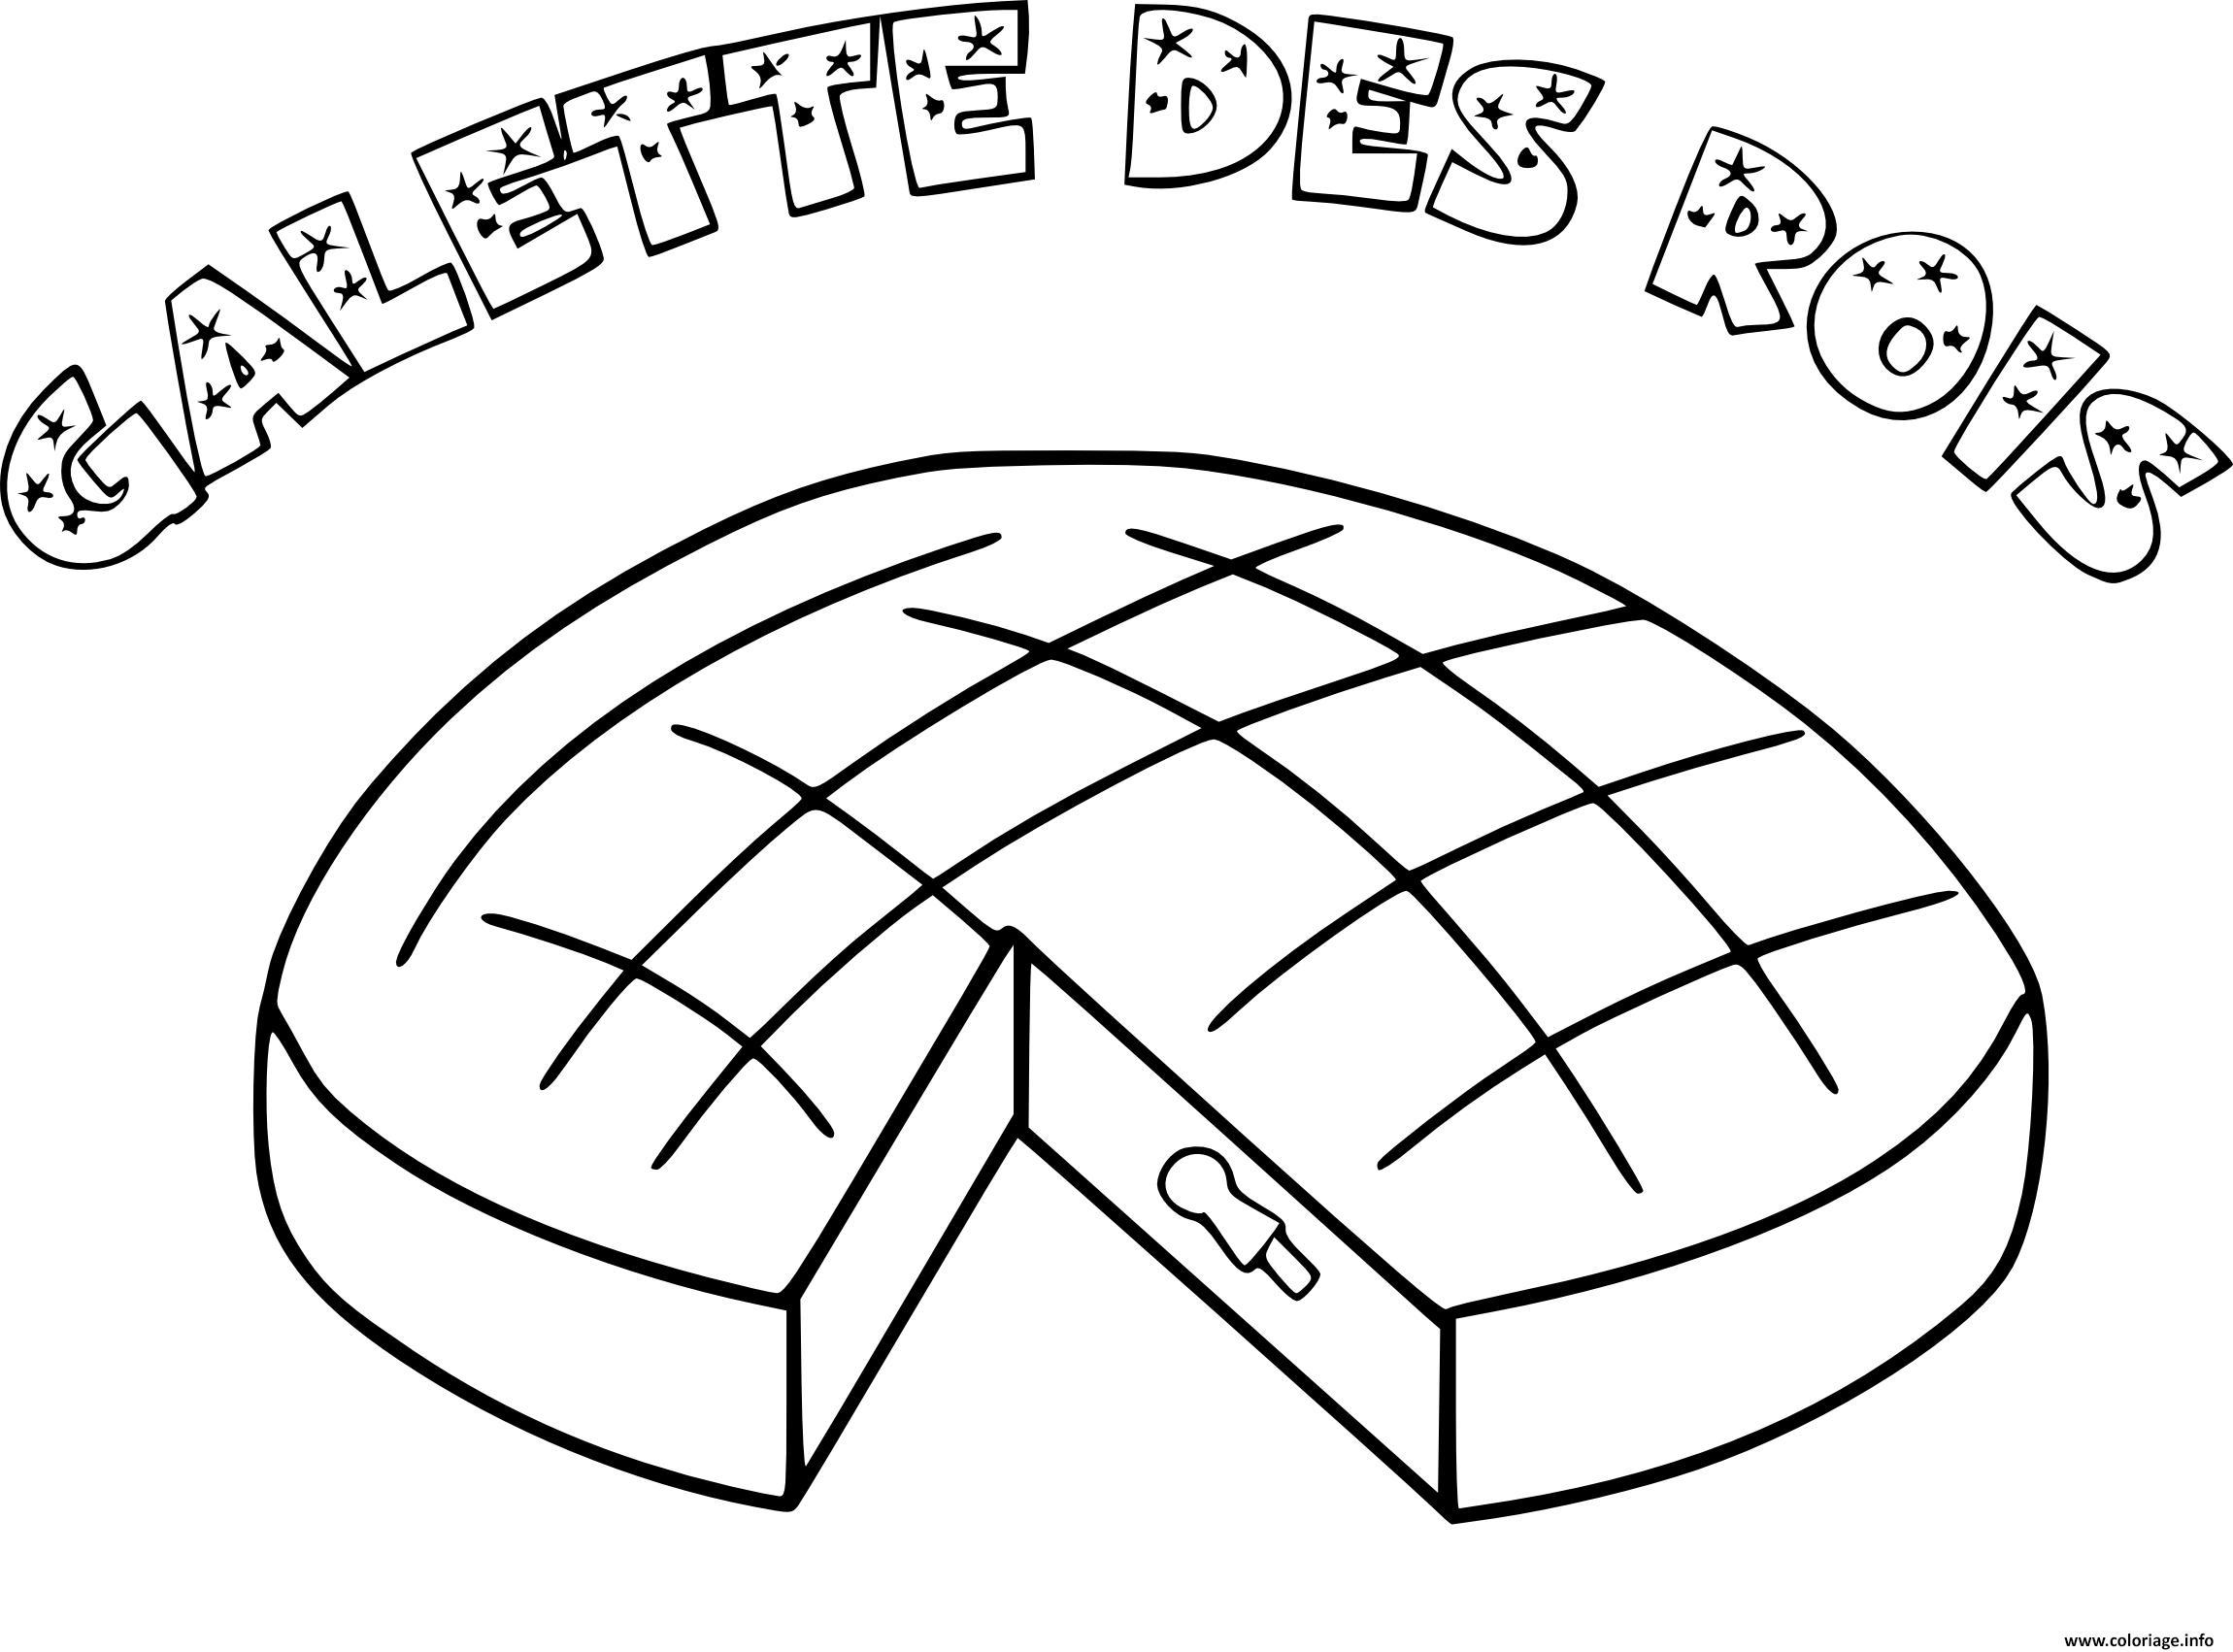 Coloriage galette des rois en janvier dessin - Dessin sur galette des rois ...